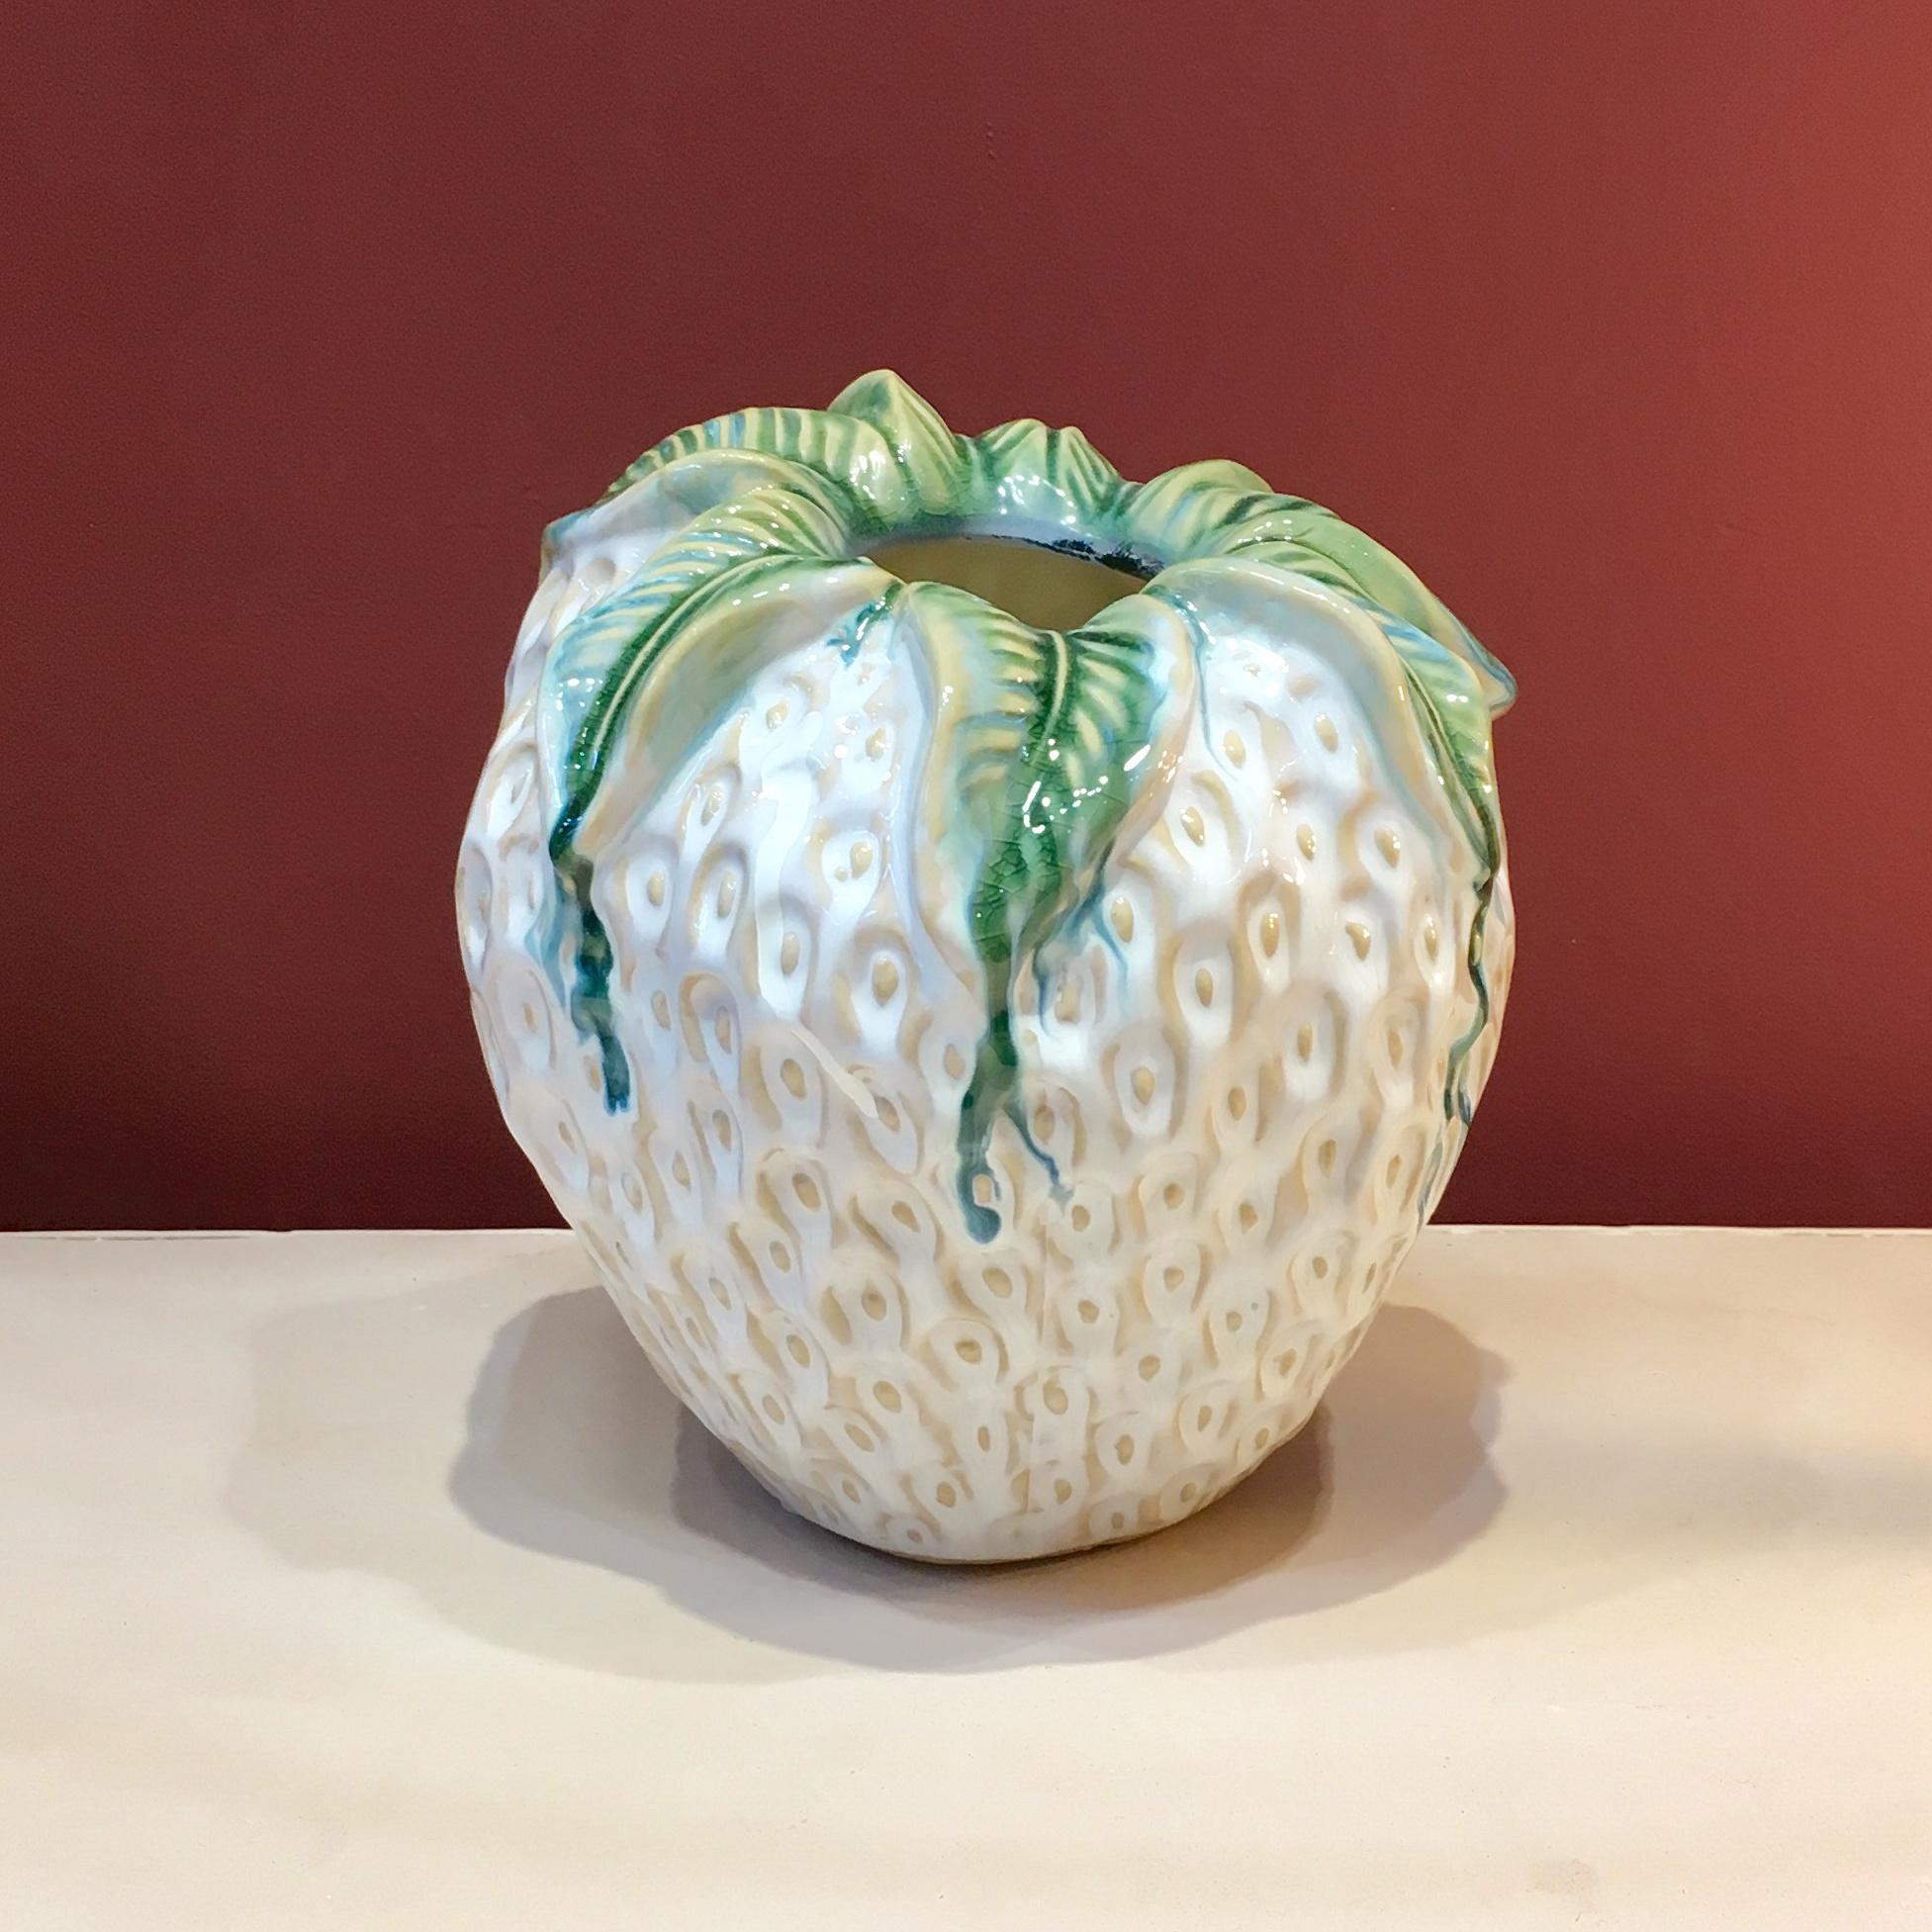 Witte aardbei vaas van keramiek